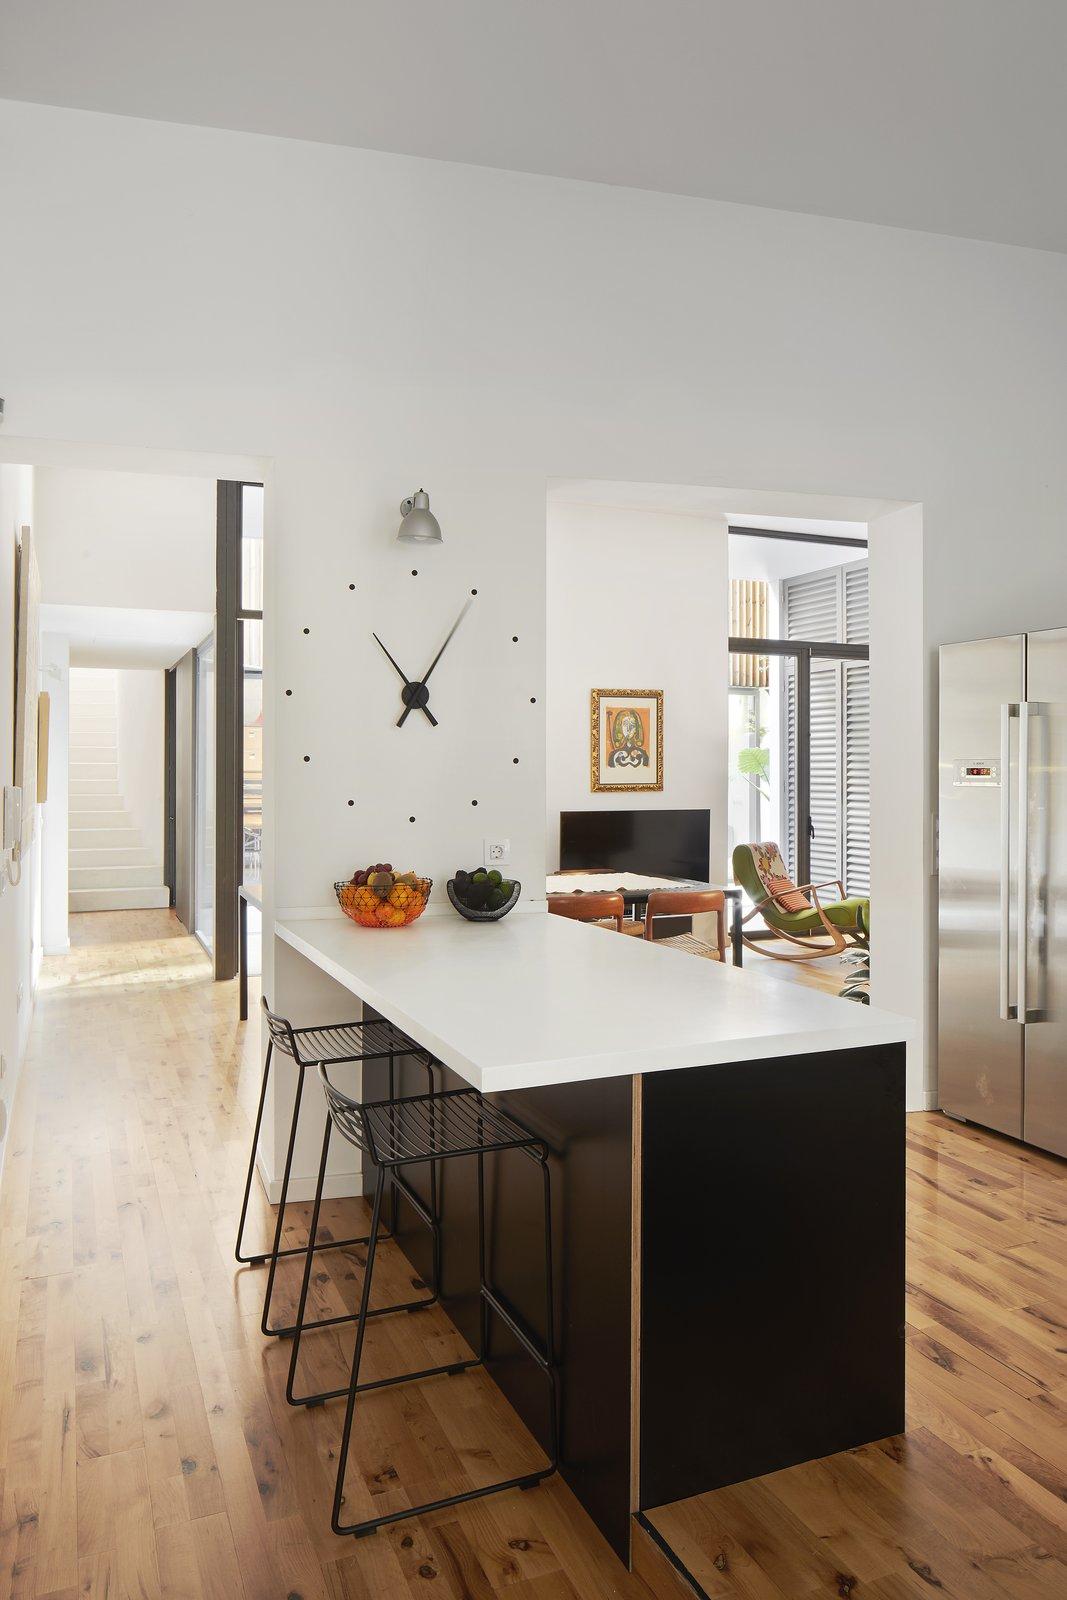 Up Garcia Home Studio kitchen island